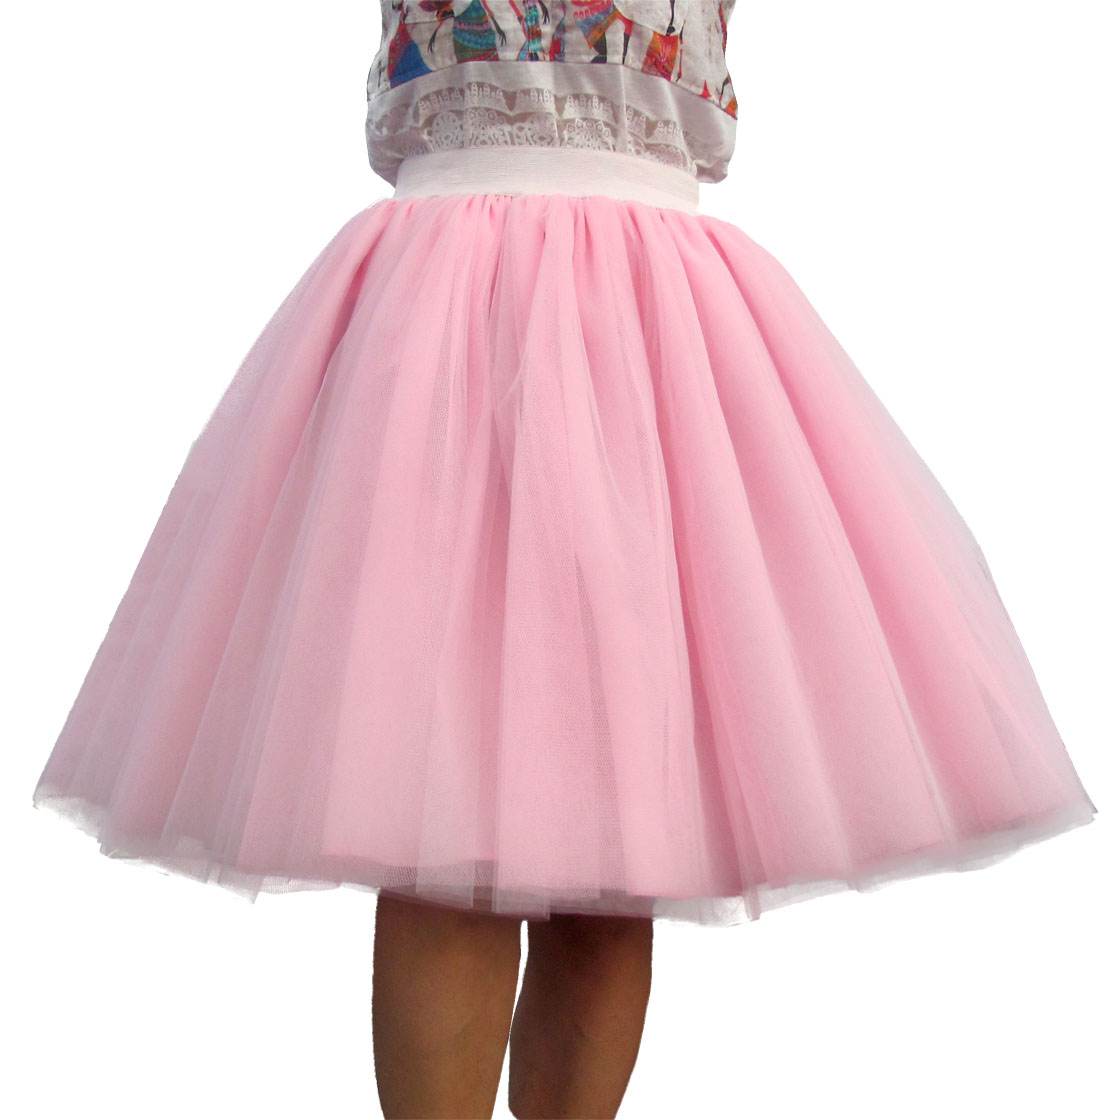 مخصص المرأة تول تنورة 6 طبقة من الأبيض الوردي الأسود الكرة ثوب ارتفاع الخصر falda ميدي الركبة طول زائد حجم توتو التنانير